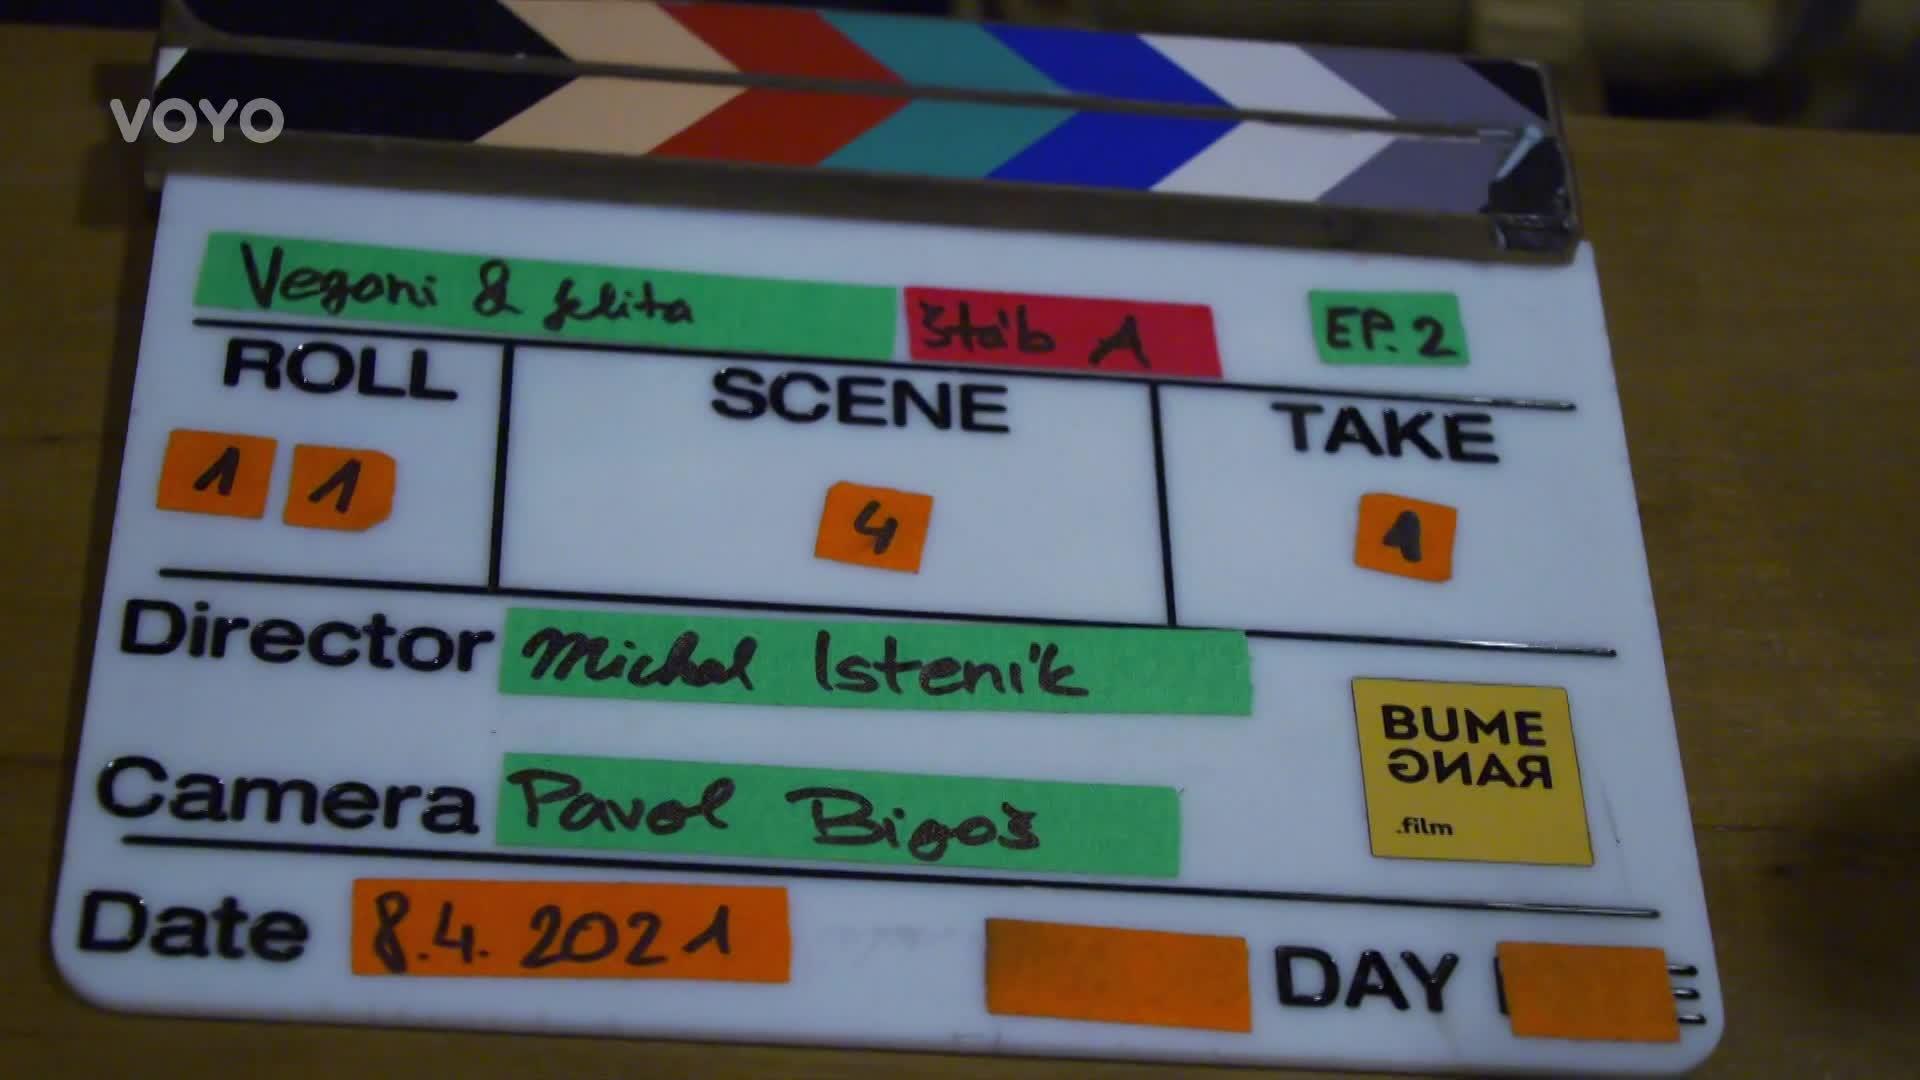 Boj o diváka: Přispějí stále populárnější streamovací služby k zániku kin?